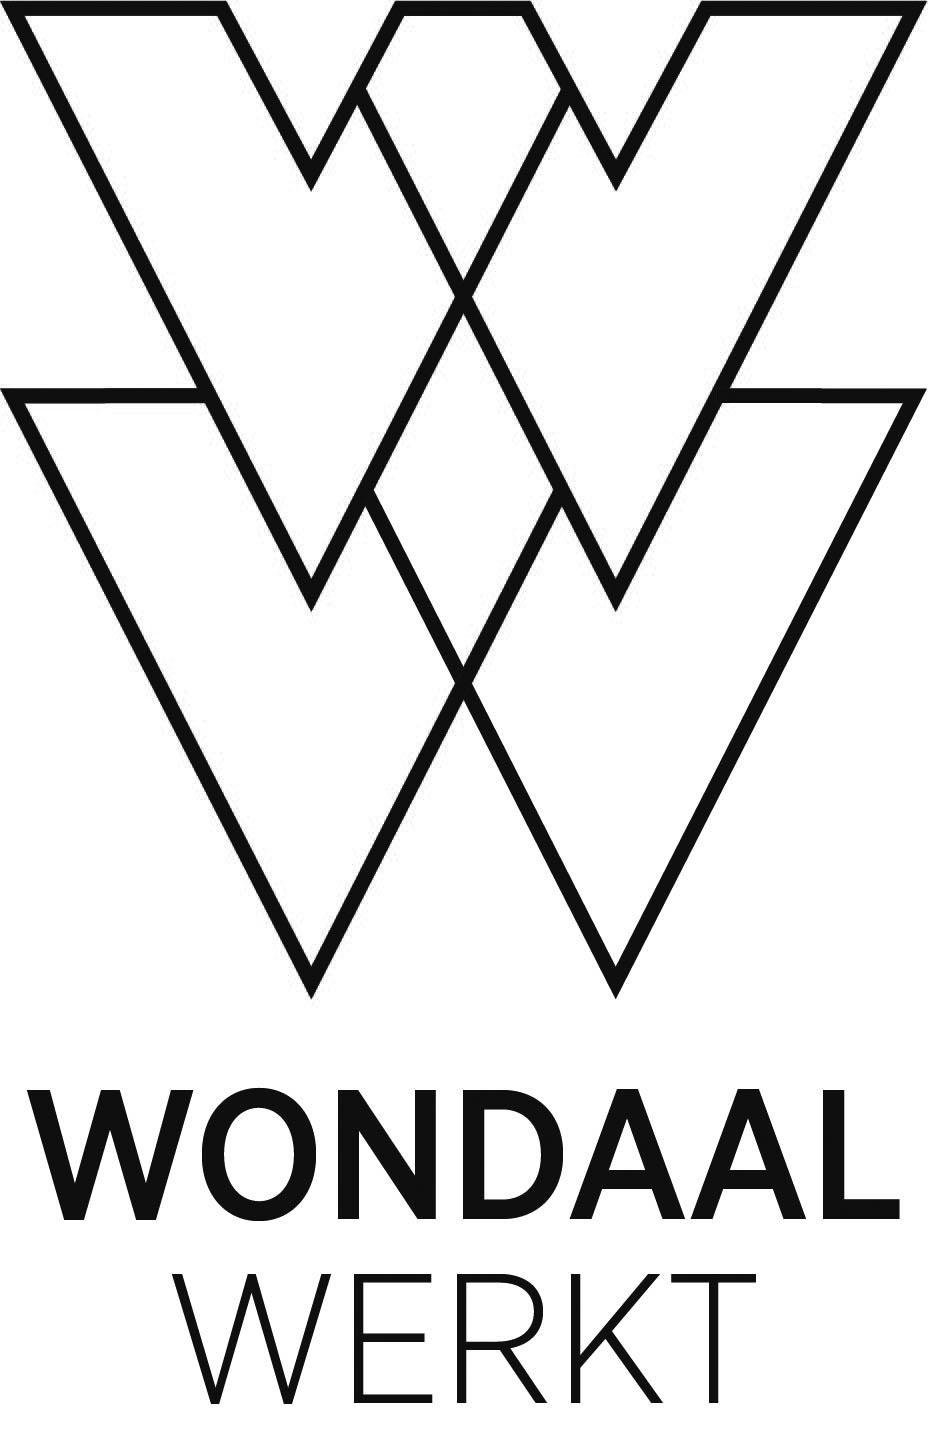 Wondaal Werkt